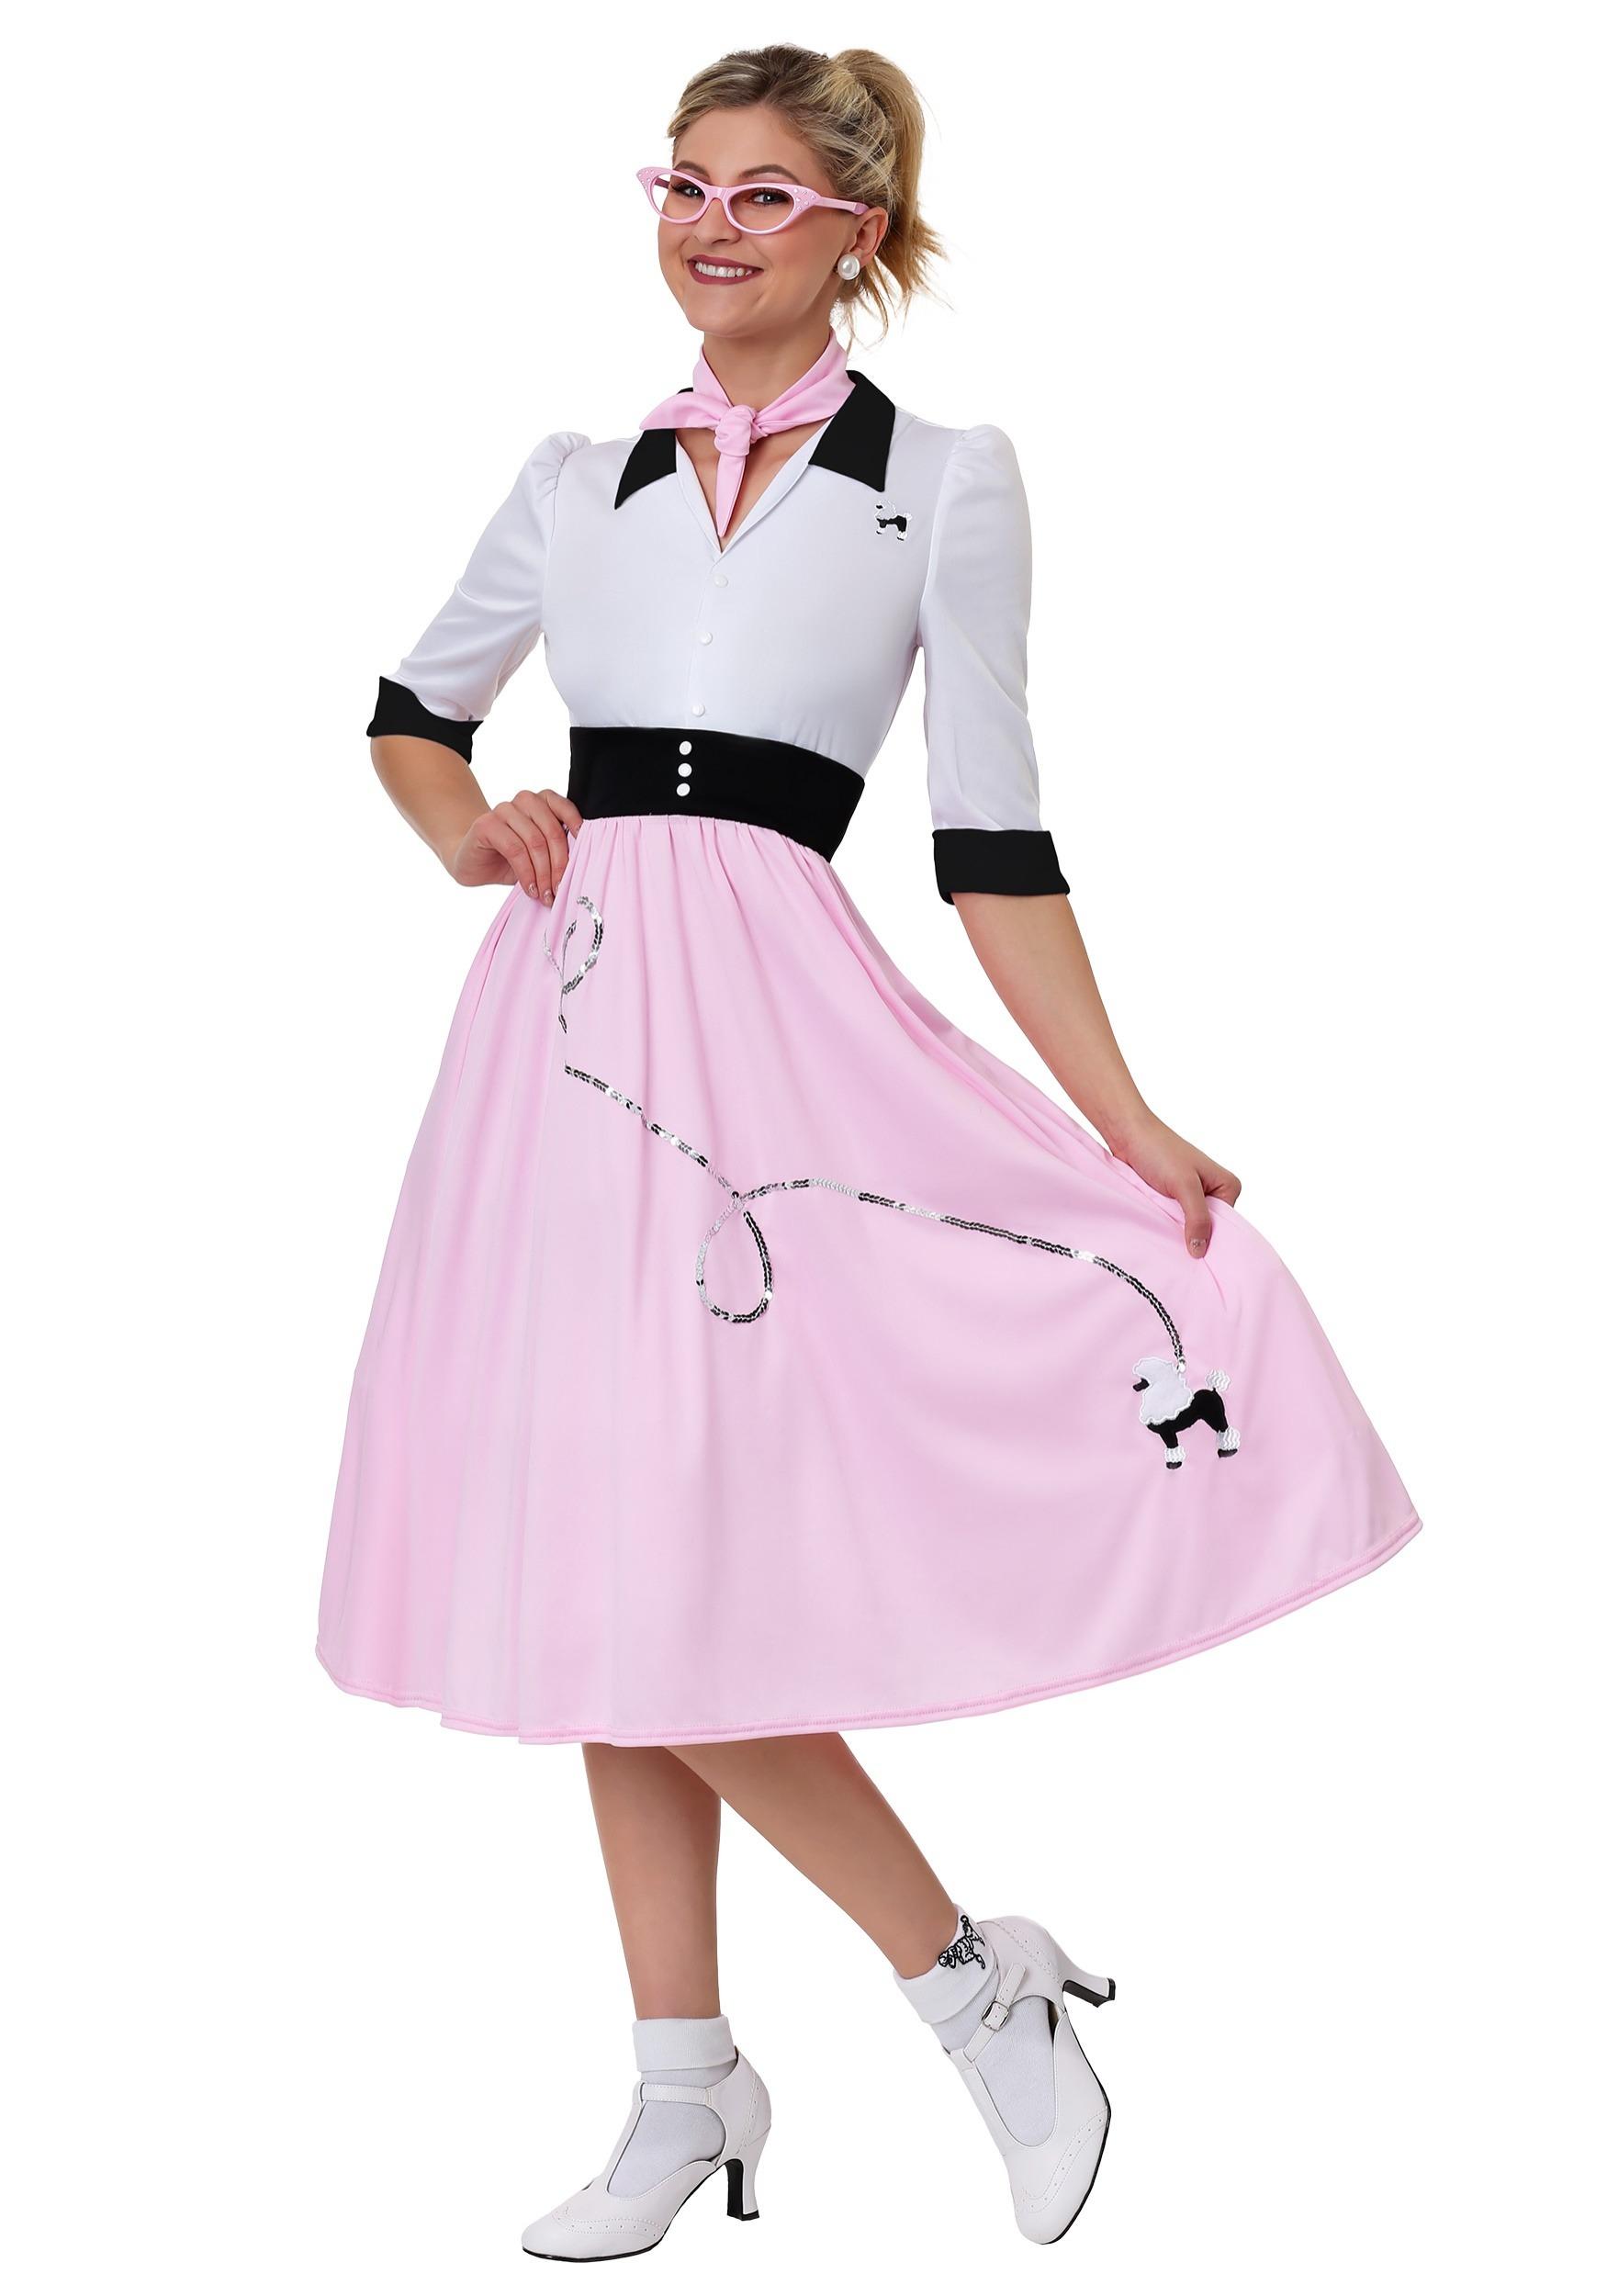 da8d0a4e9d15a Sock Hop Sweetheart Costume for Women